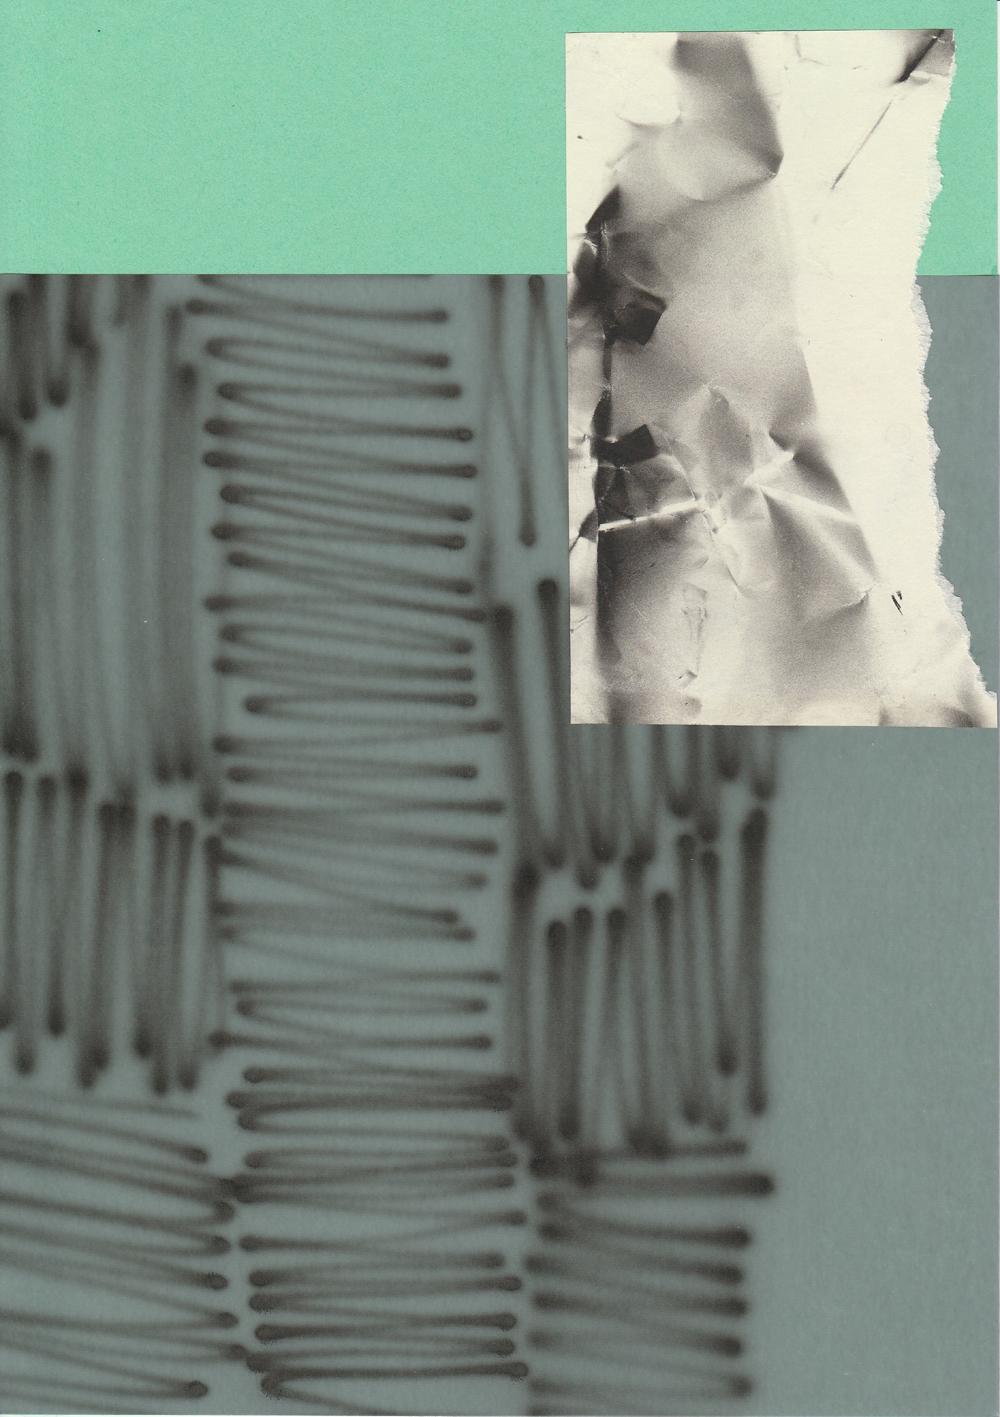 Rita Koszorús – Zo série SchMerzbild / Collage, 2019